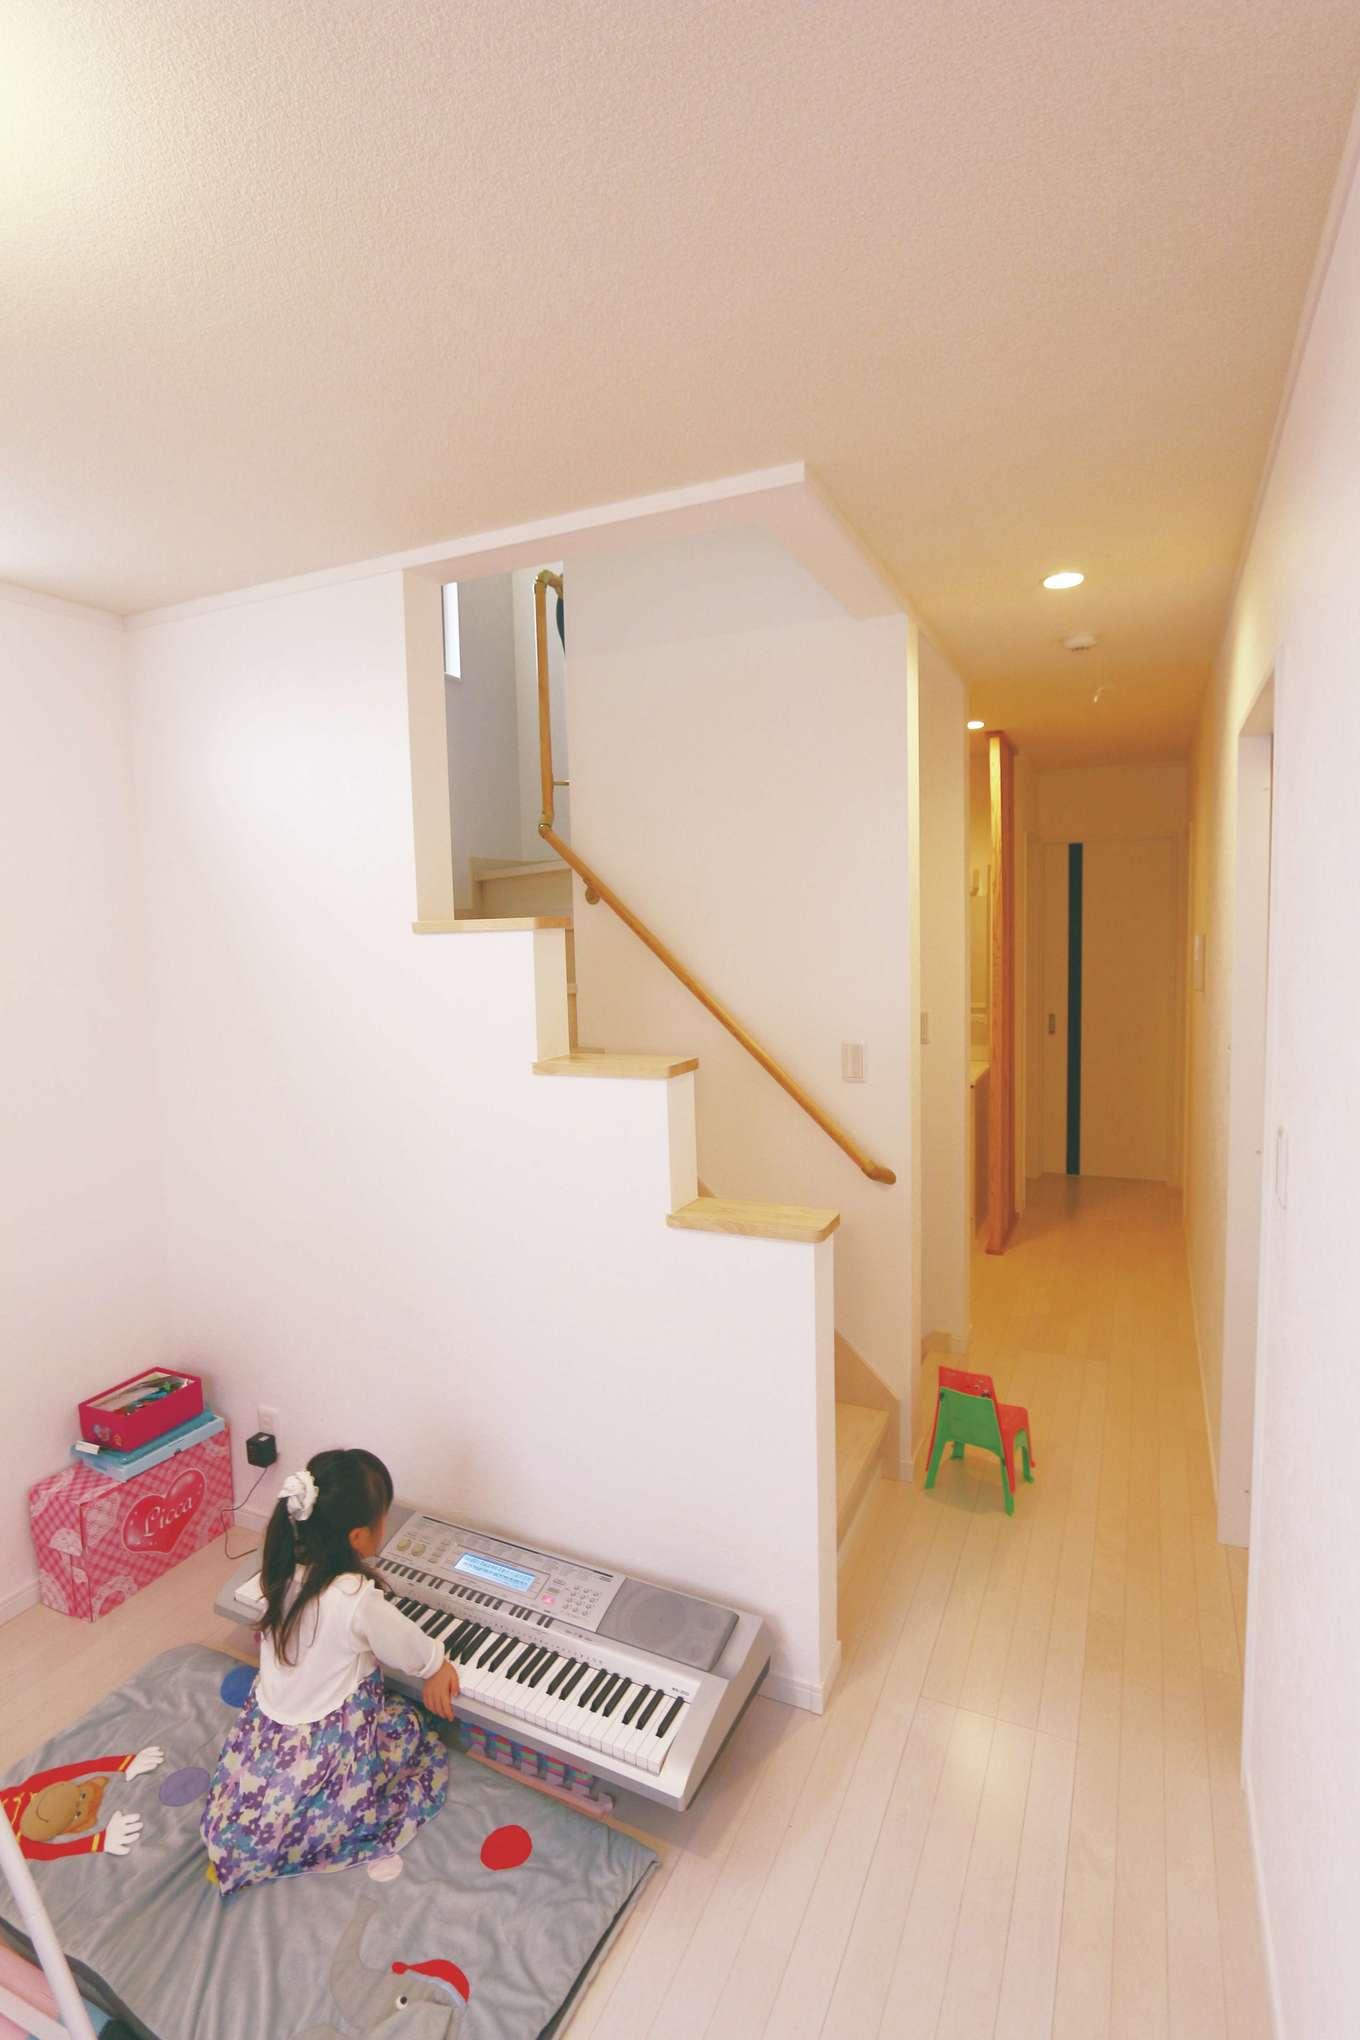 じゆうの家(藤田建設)【1000万円台、子育て、自然素材】2階には、子ども部屋2室と主寝室があり、廊下で繋がる